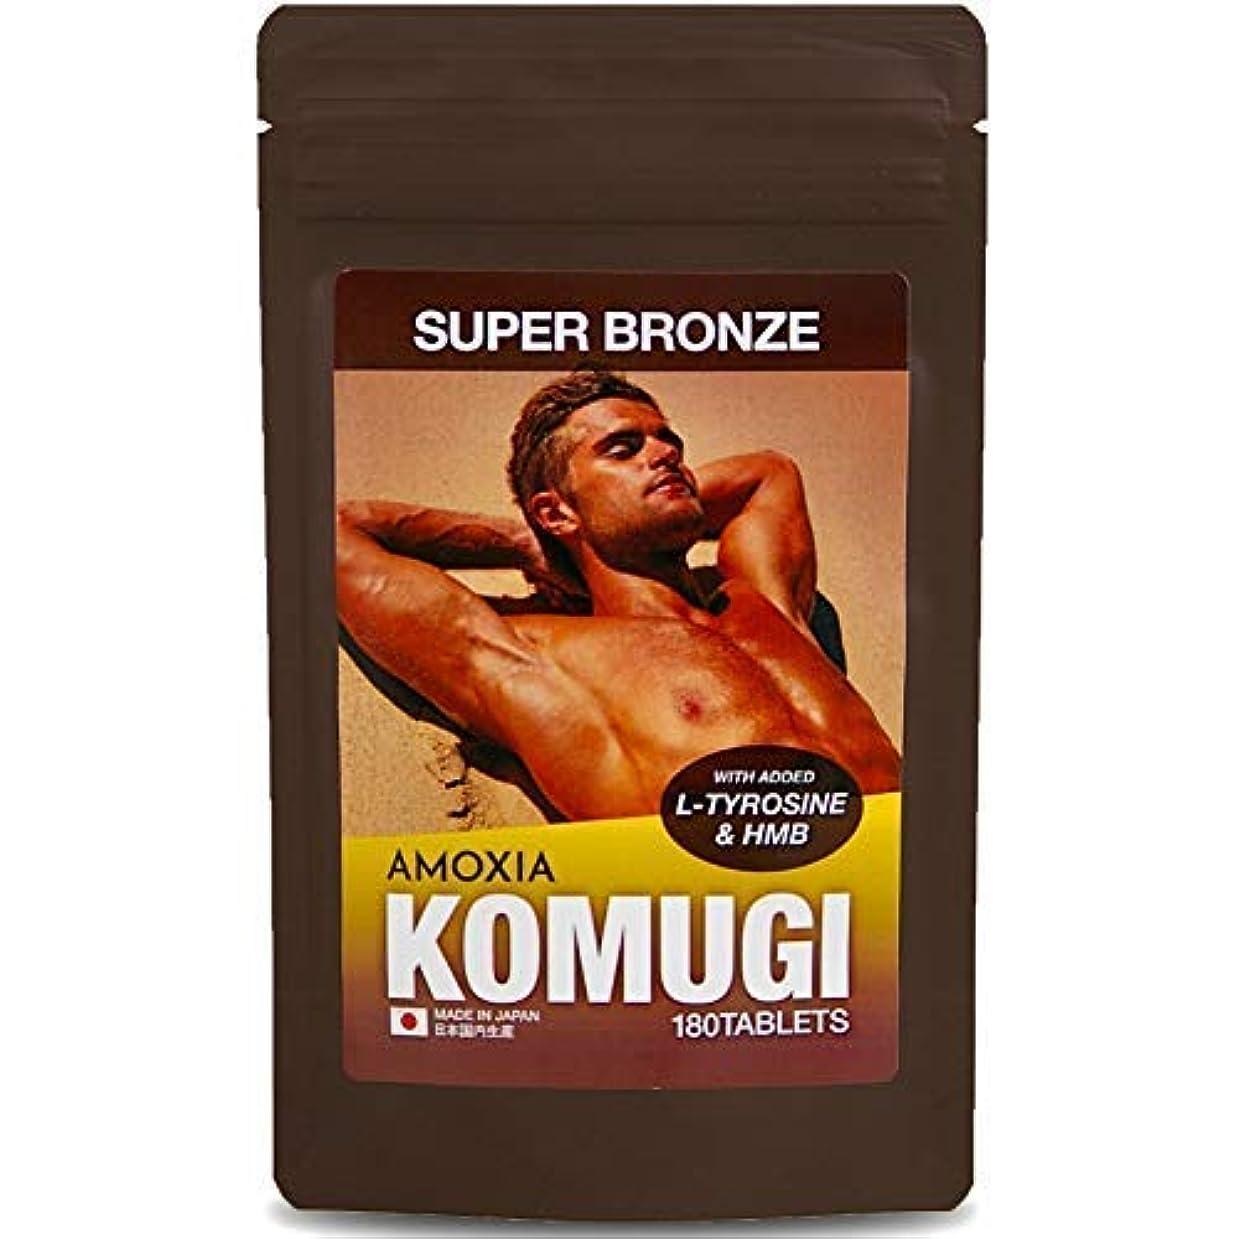 用量対話母性KOMUGI 日焼けと筋肉増強で新発想の飲むタンニング タンニングサプリメント 安心の国産 HMB配合 国産シェア100%